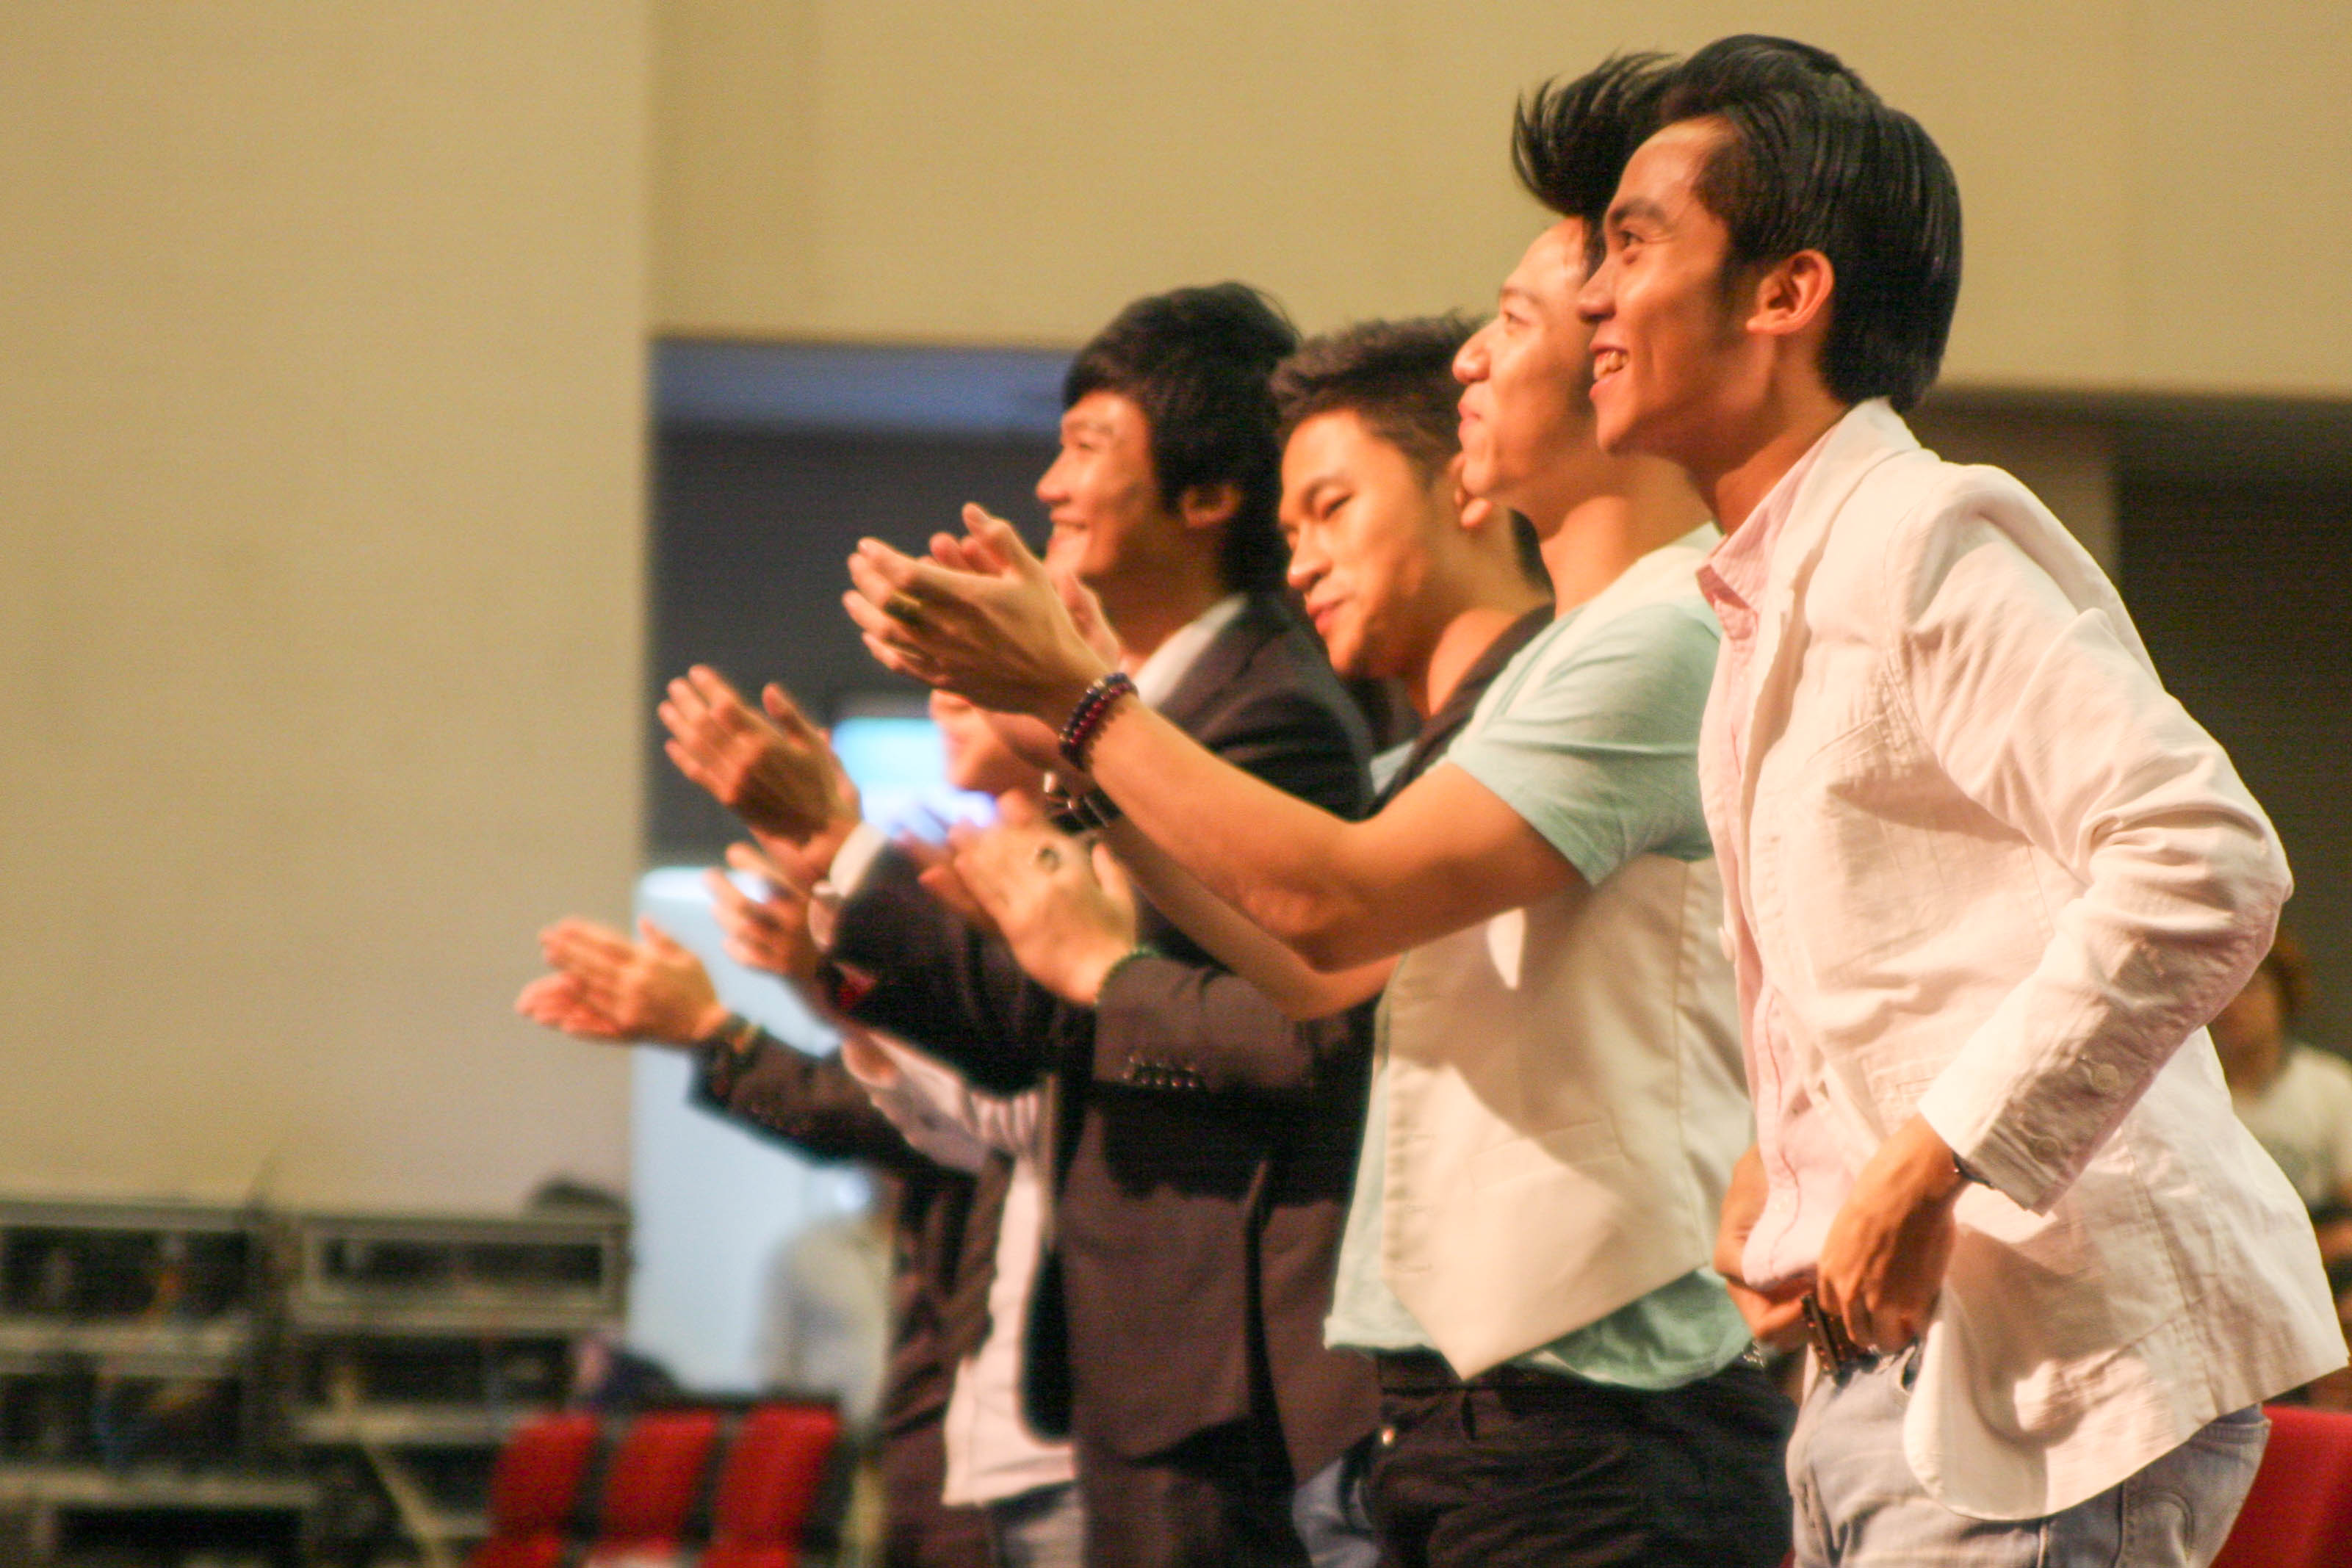 賴淞鳳的演唱讓模王評審團全體起立鼓掌